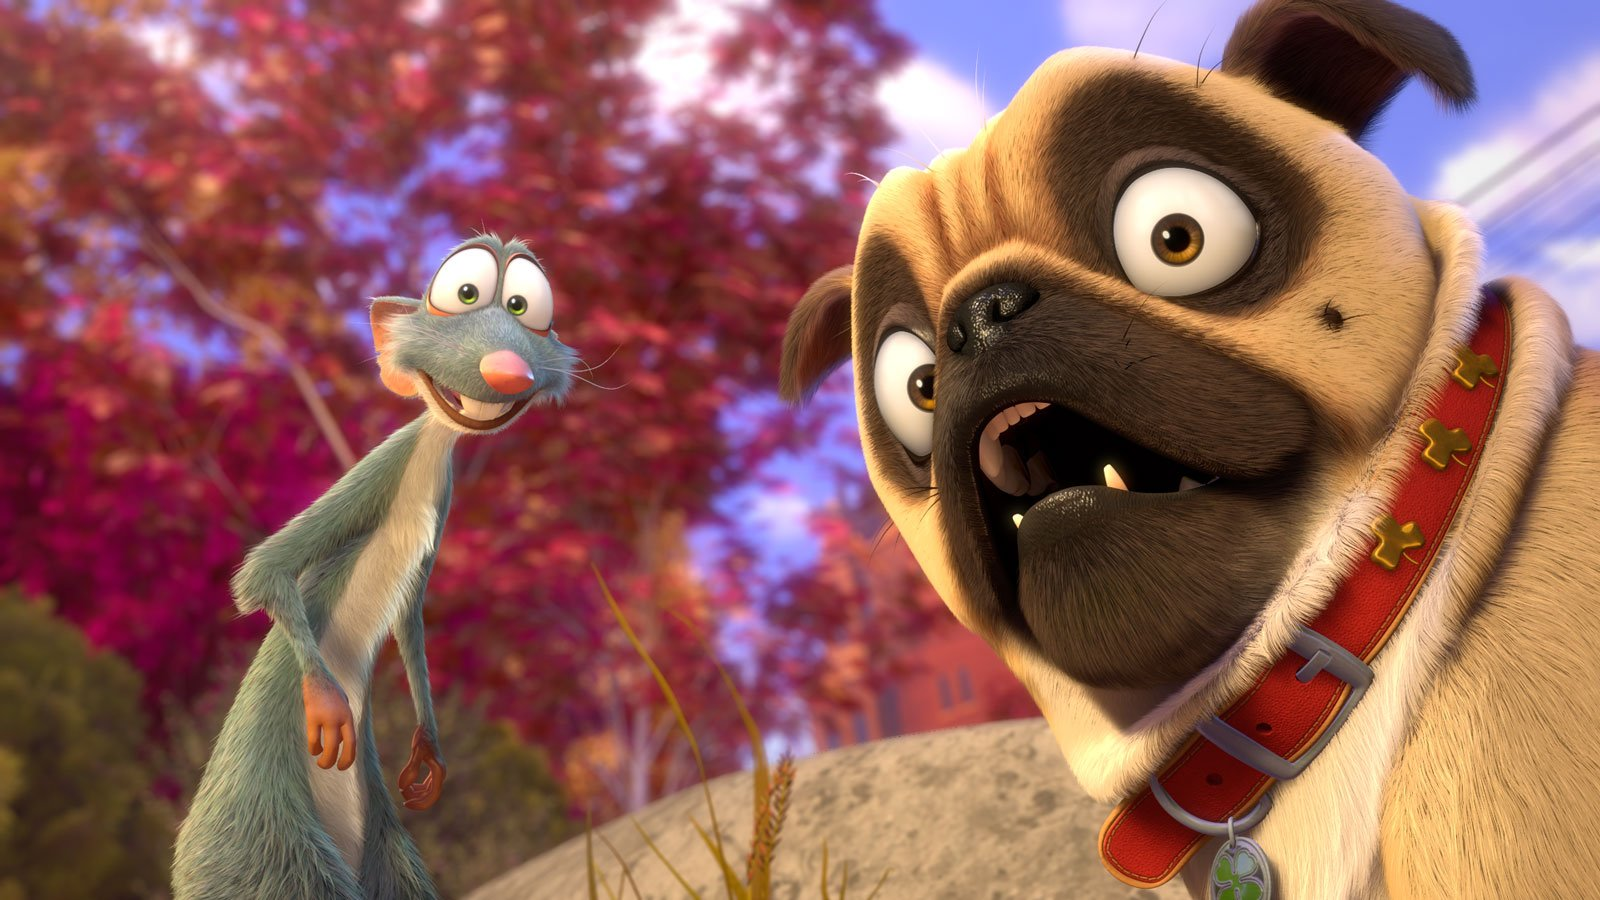 The Nut Job Movie Wallpaper The Nut Job Wallpaper ...